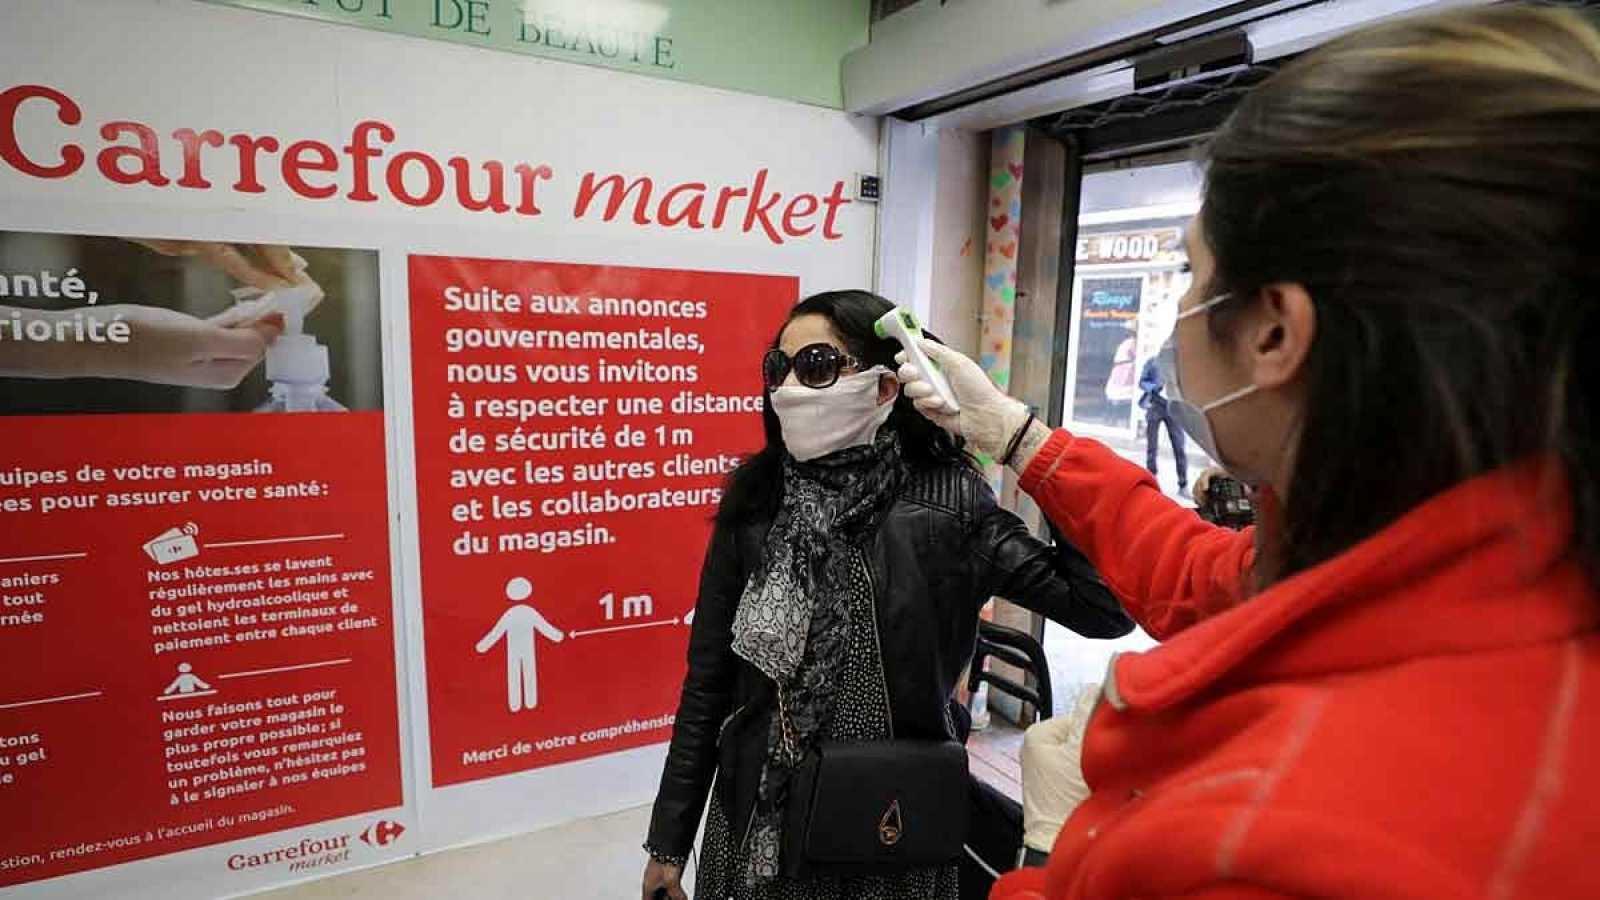 Personal de Carrefour toma la temperatura a una clienta en una de sus tiendas francófonas.